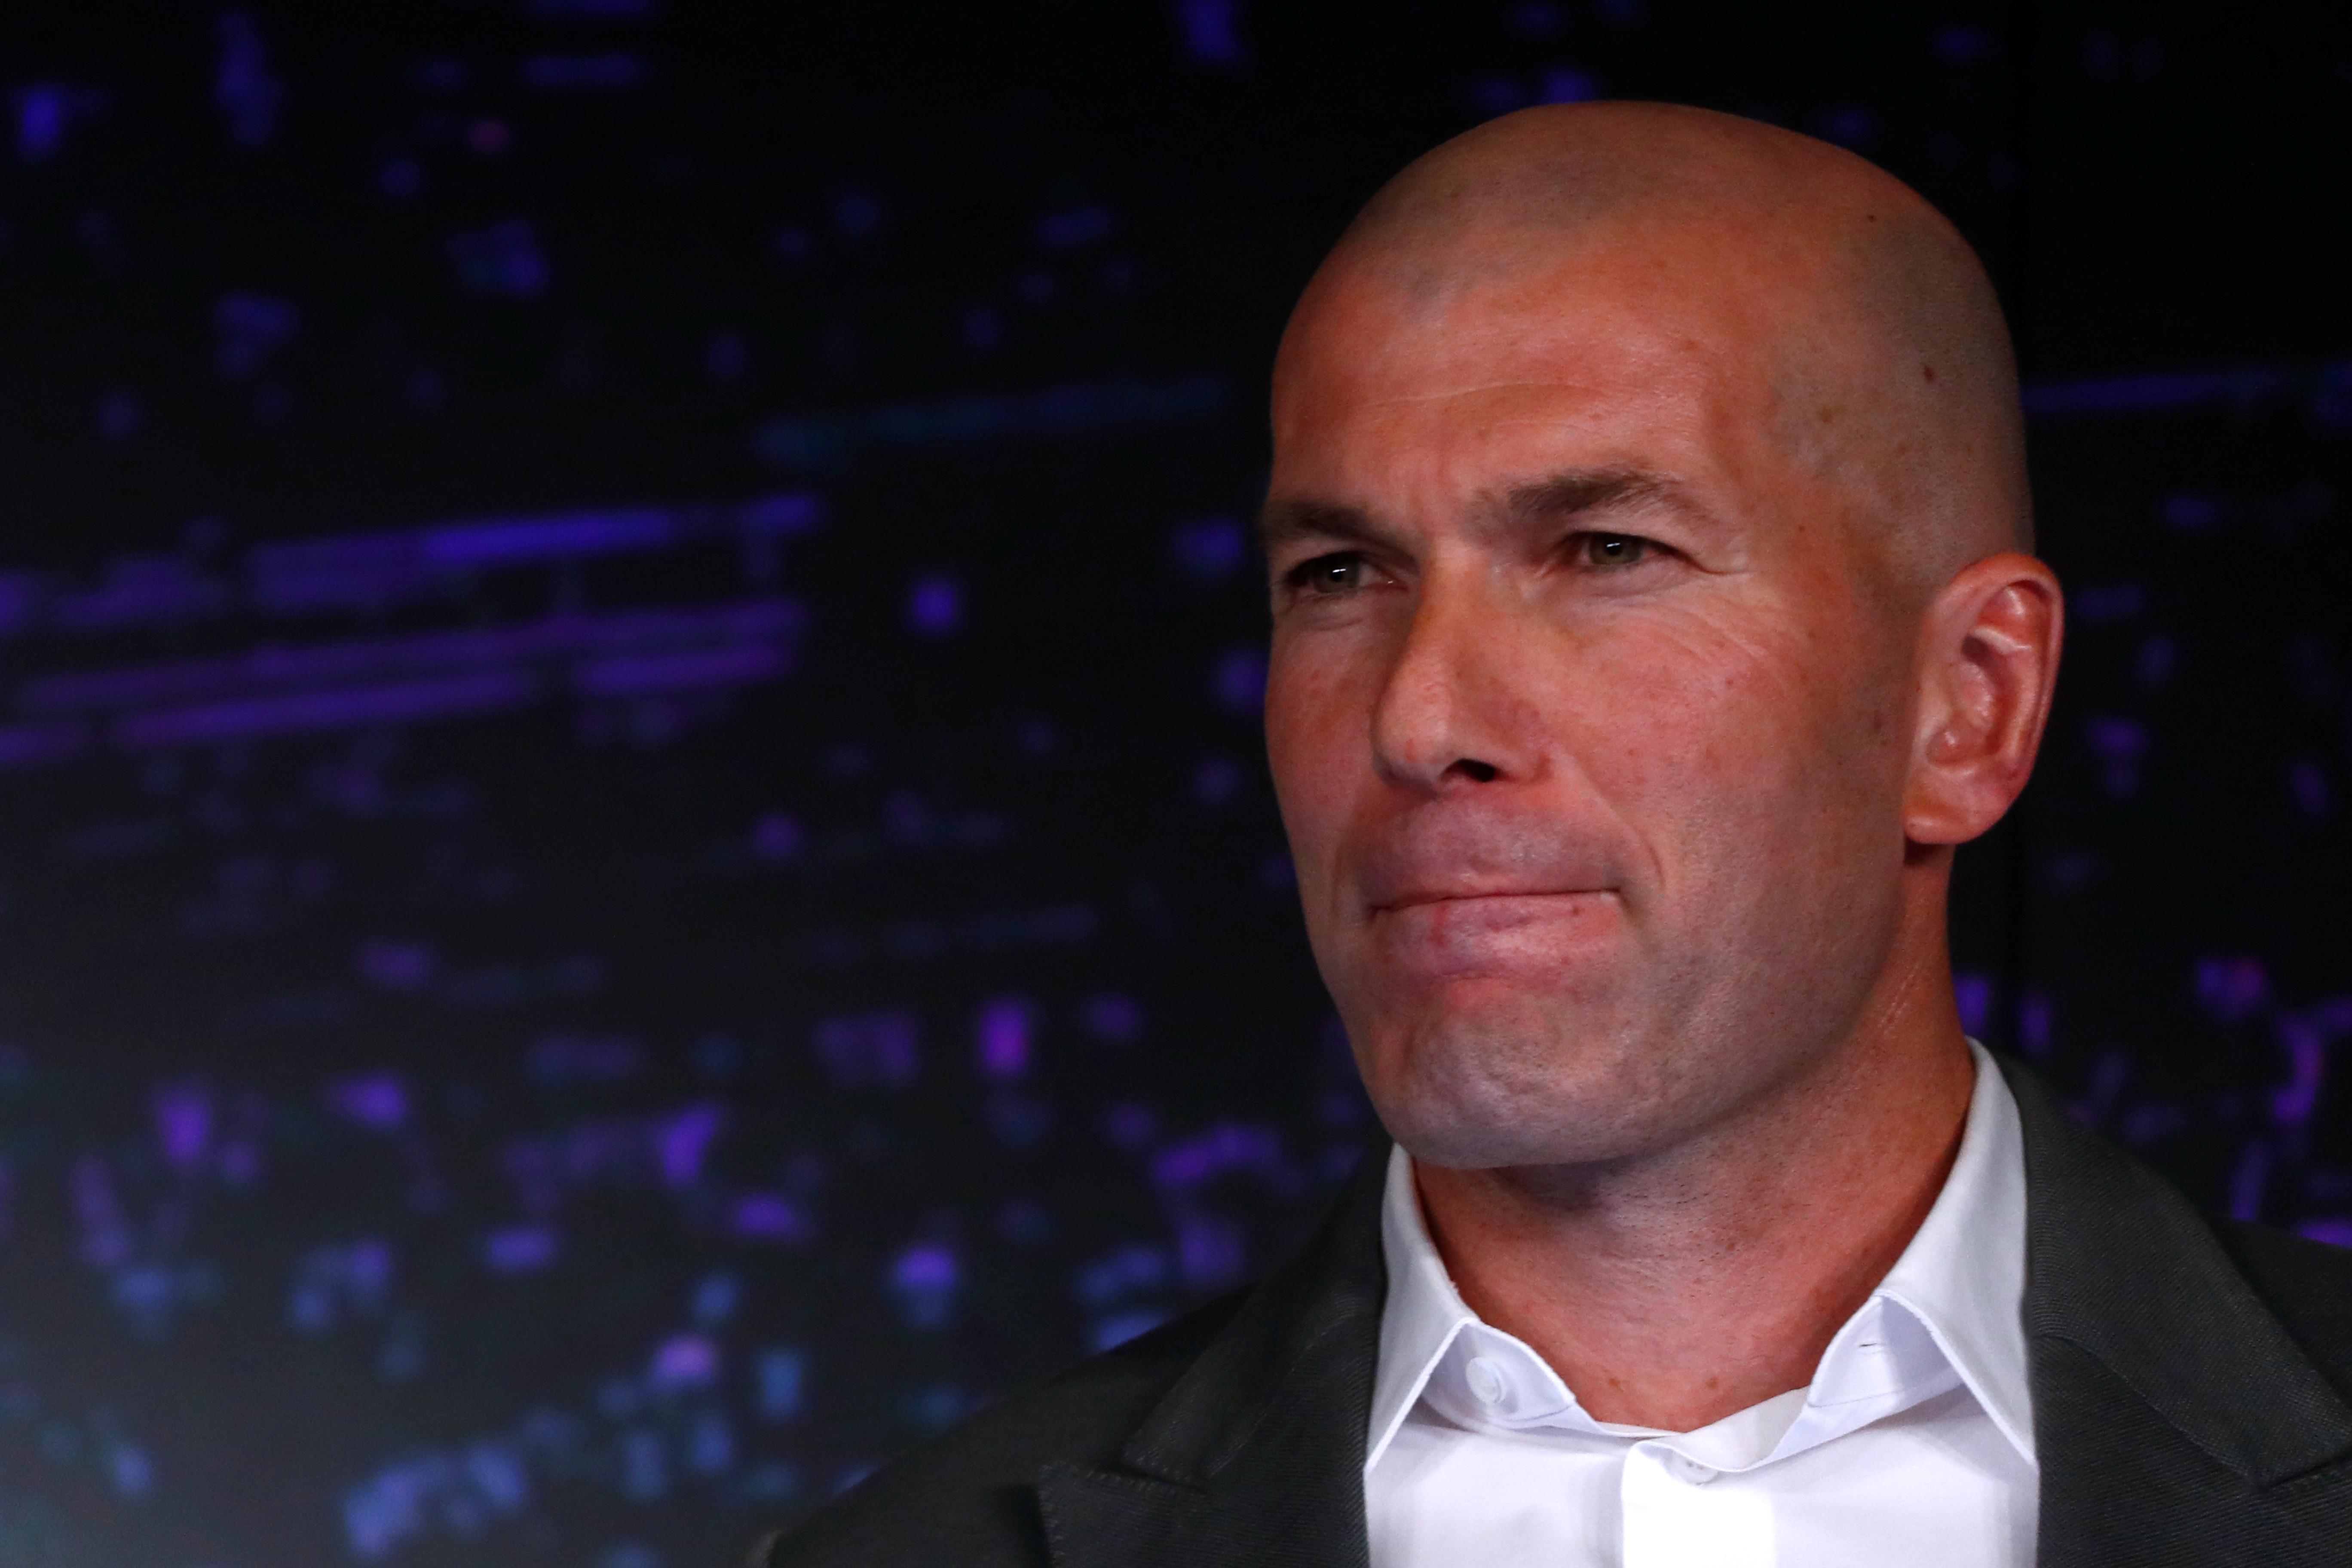 Real Madrid 'pariu' uma crise e nove meses depois Zidane voltou sem CR7